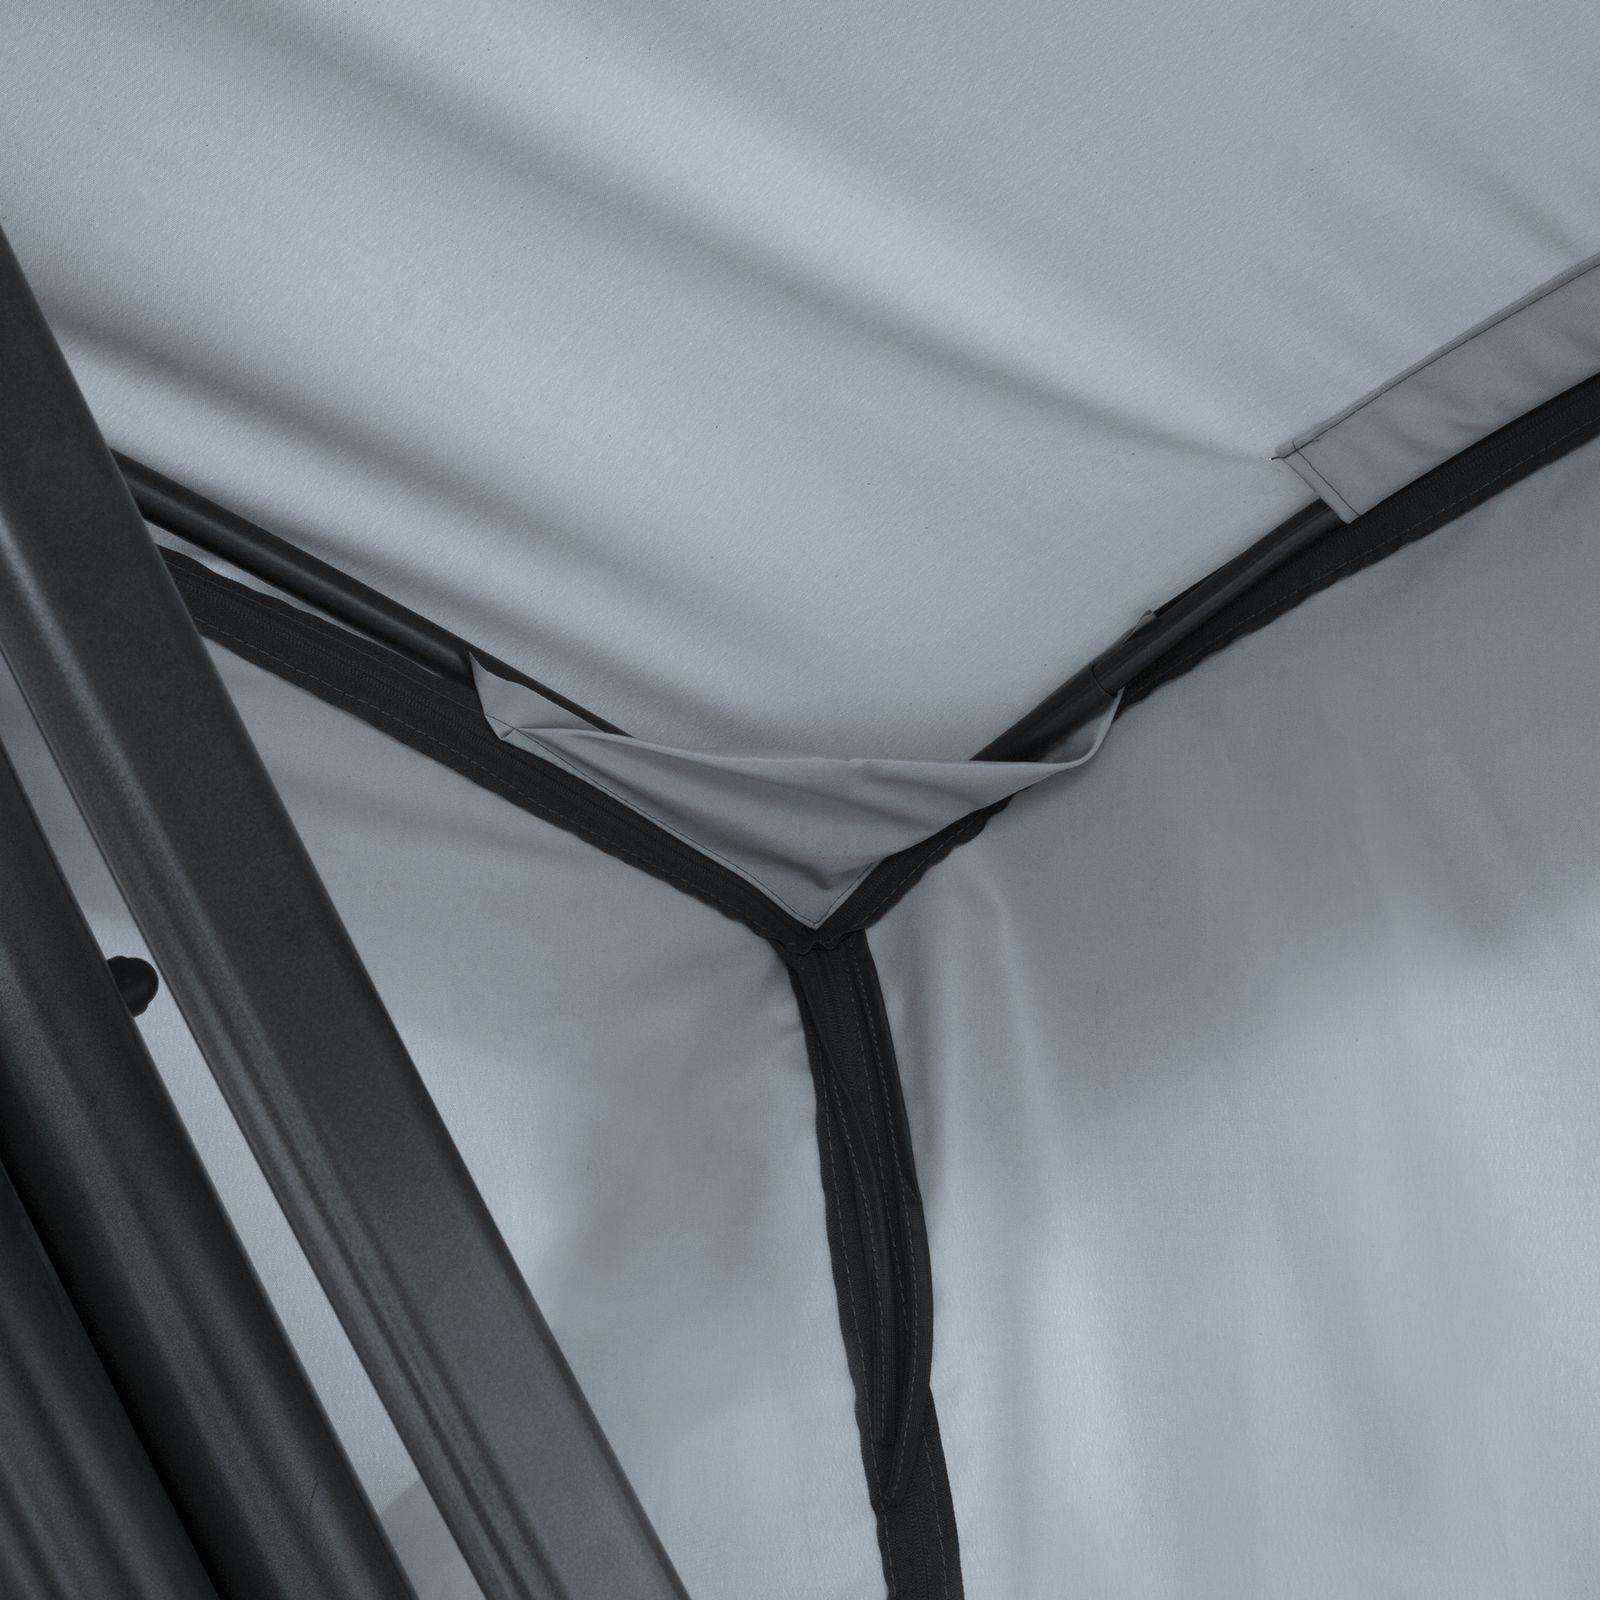 Dach z moskitierą do huśtawki ogrodowej 224 x 124 cm Ravenna D031-06CW PATIO